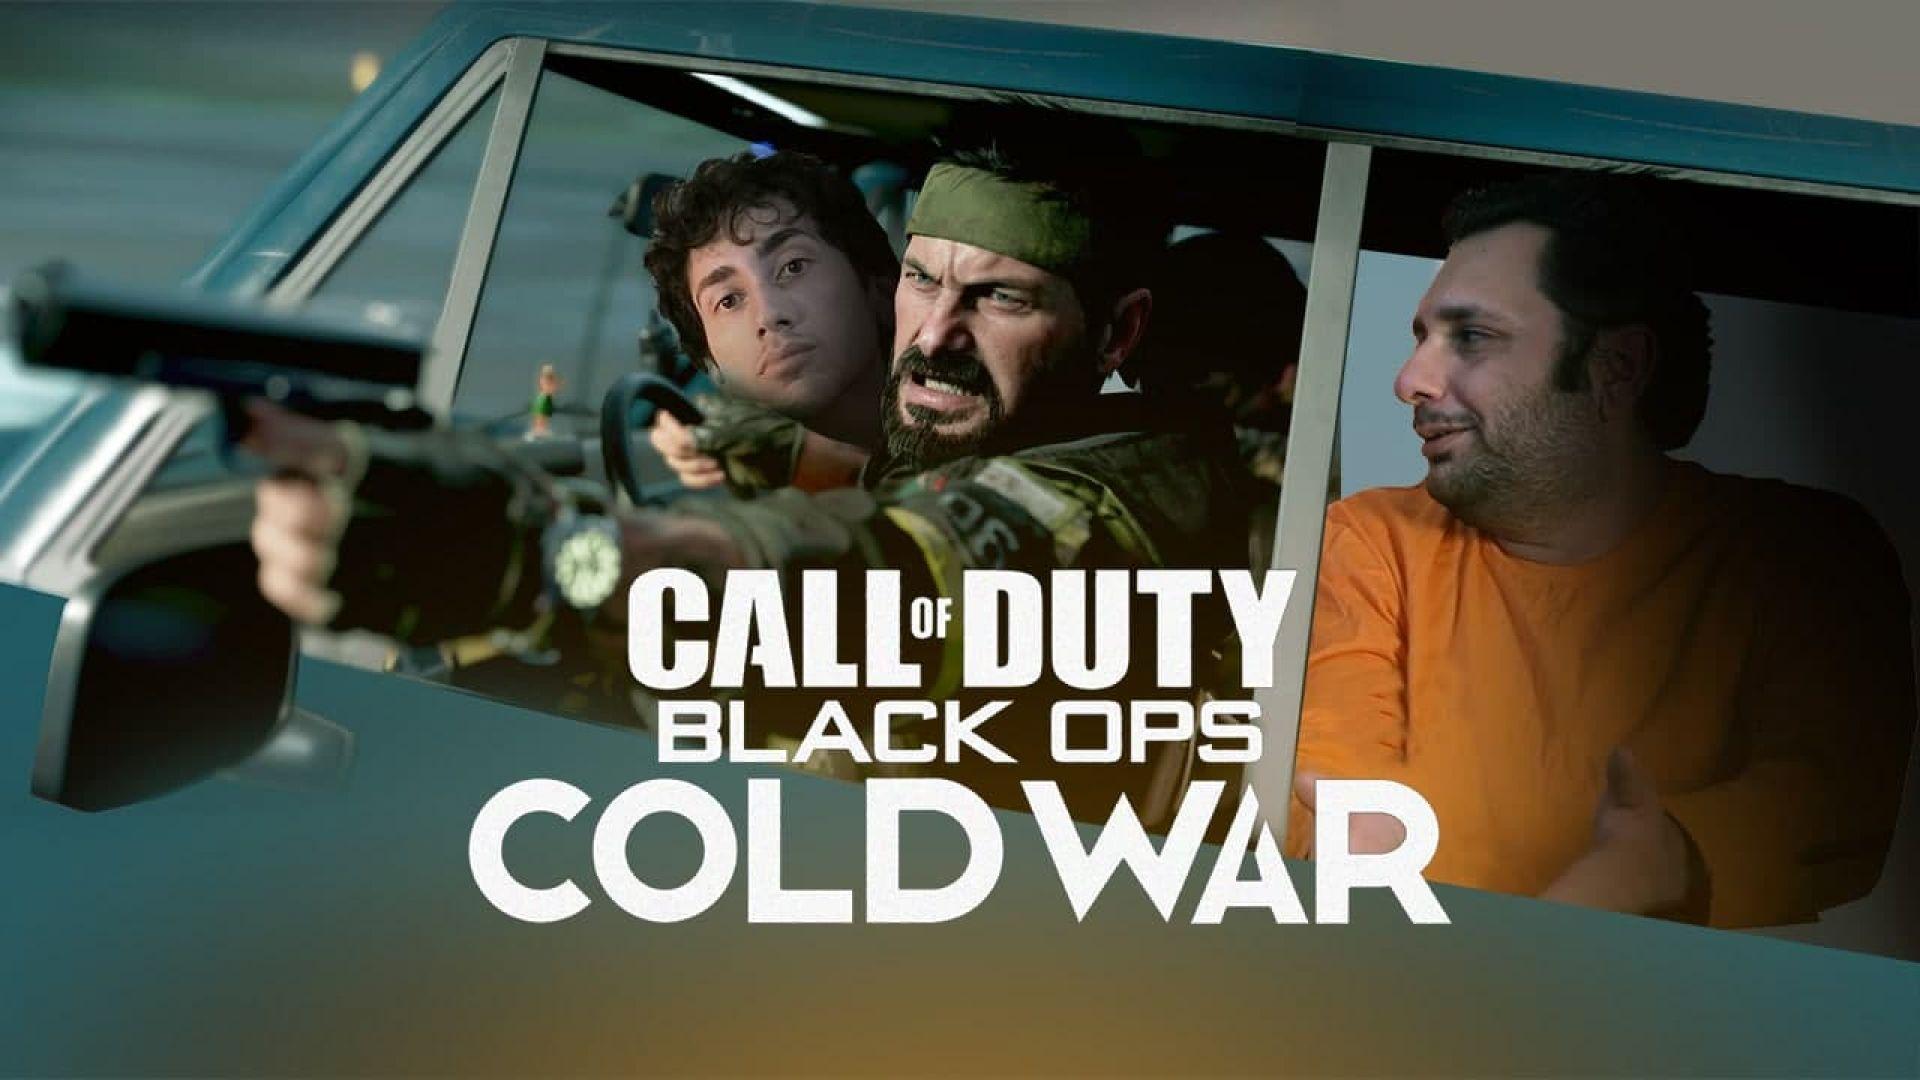 بخش داستانی بازی Call of Duty: Black Ops Cold War با لوکتو